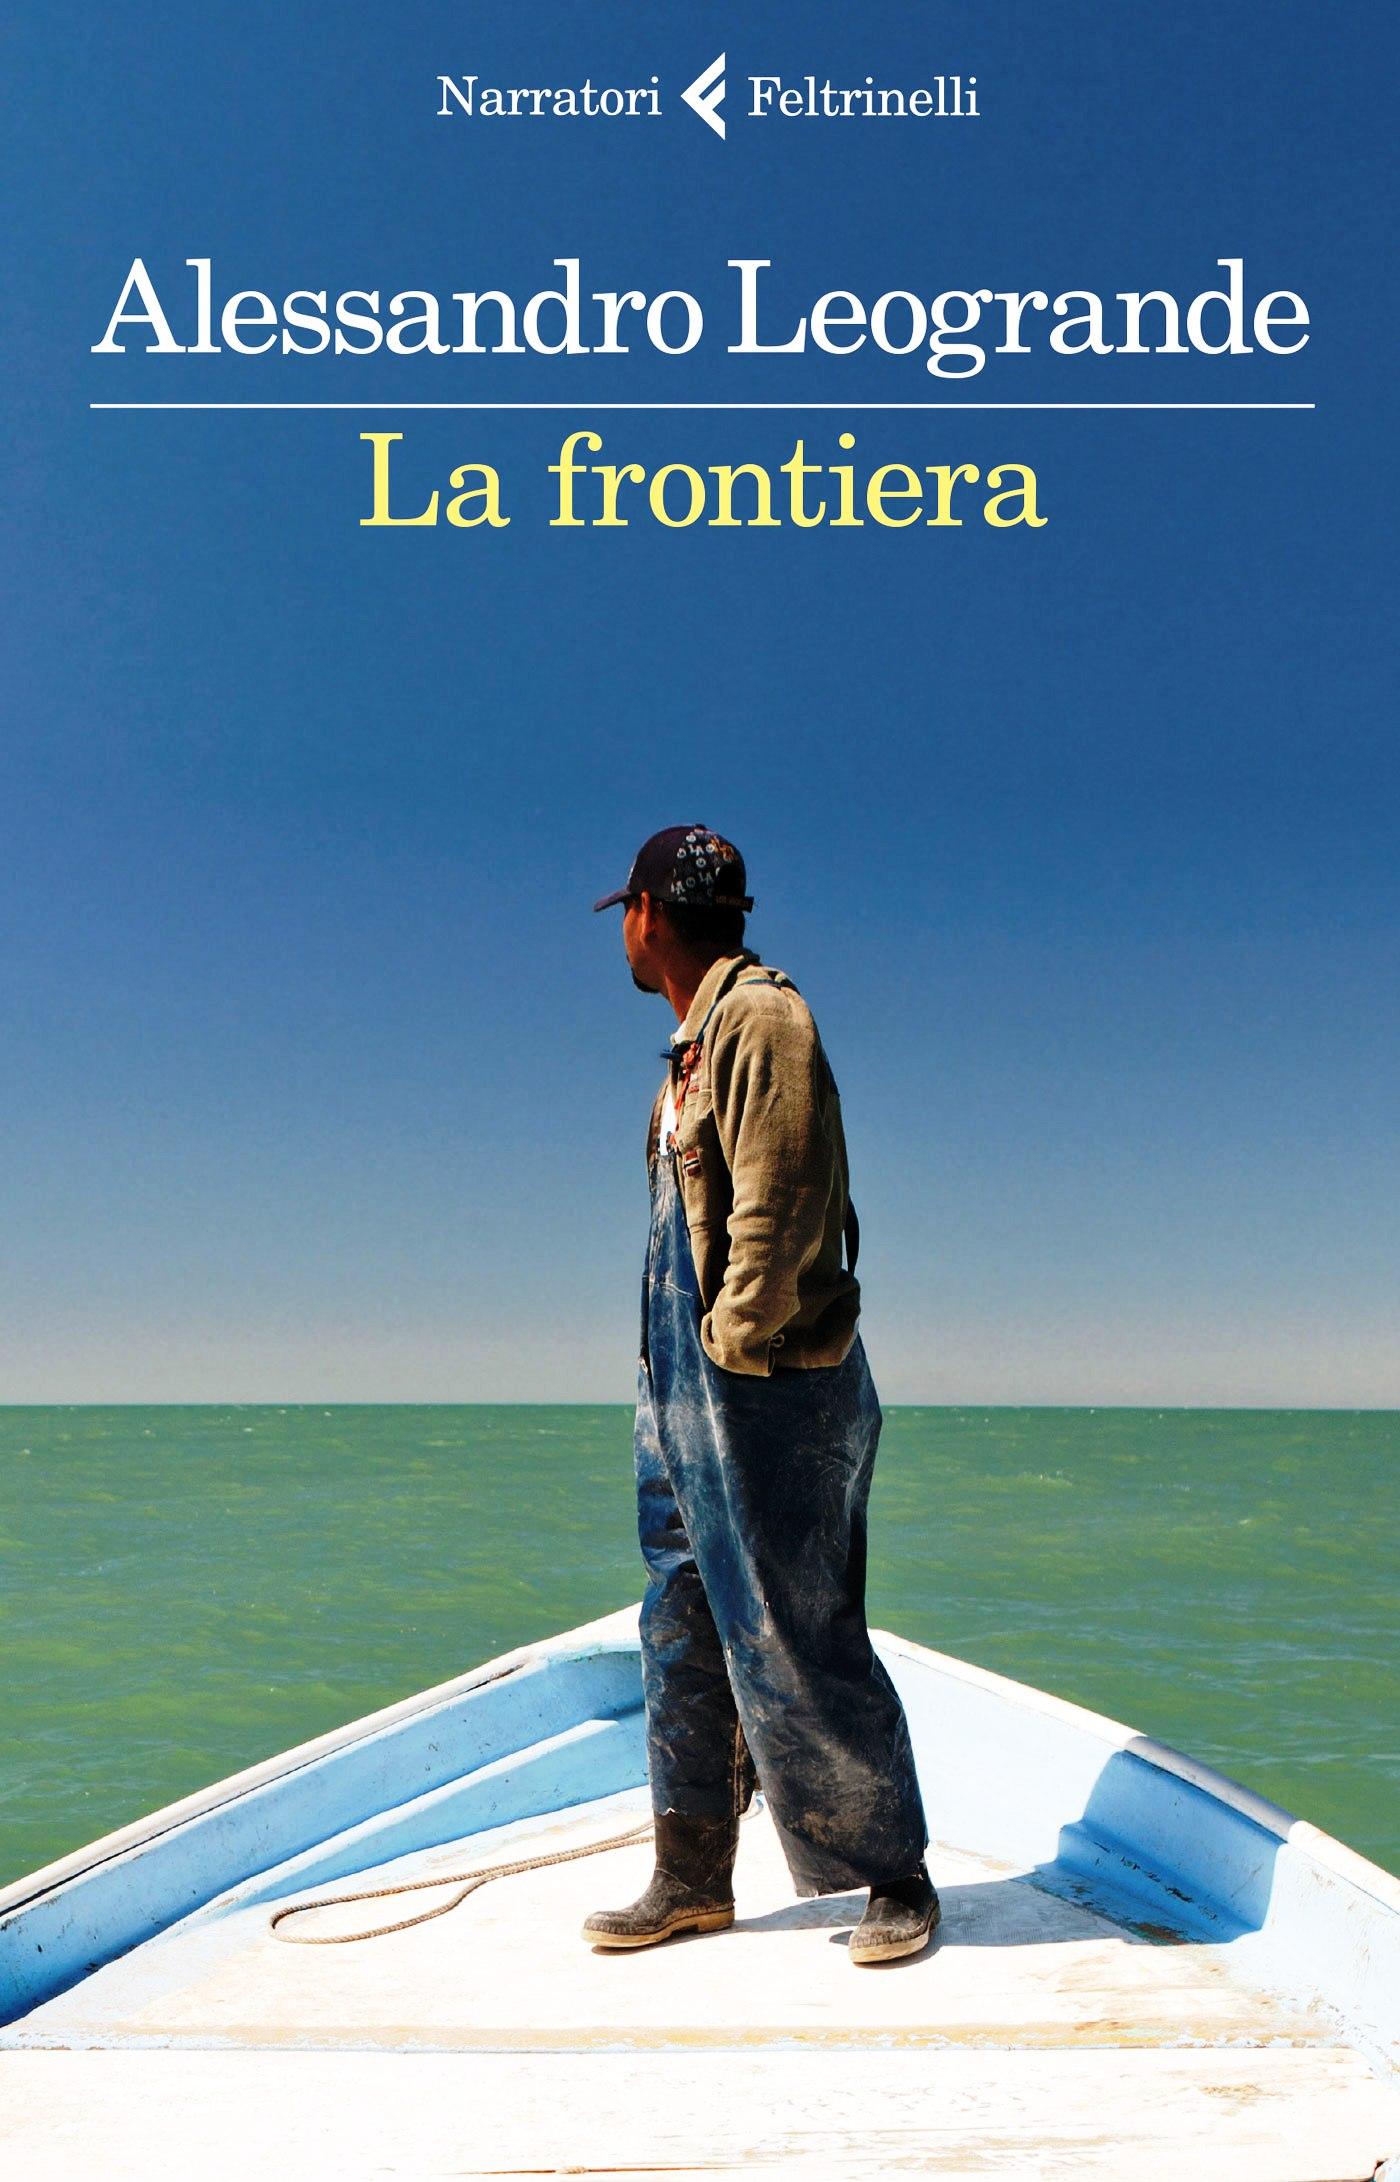 Leogrande_La frontiera_NAR.indd